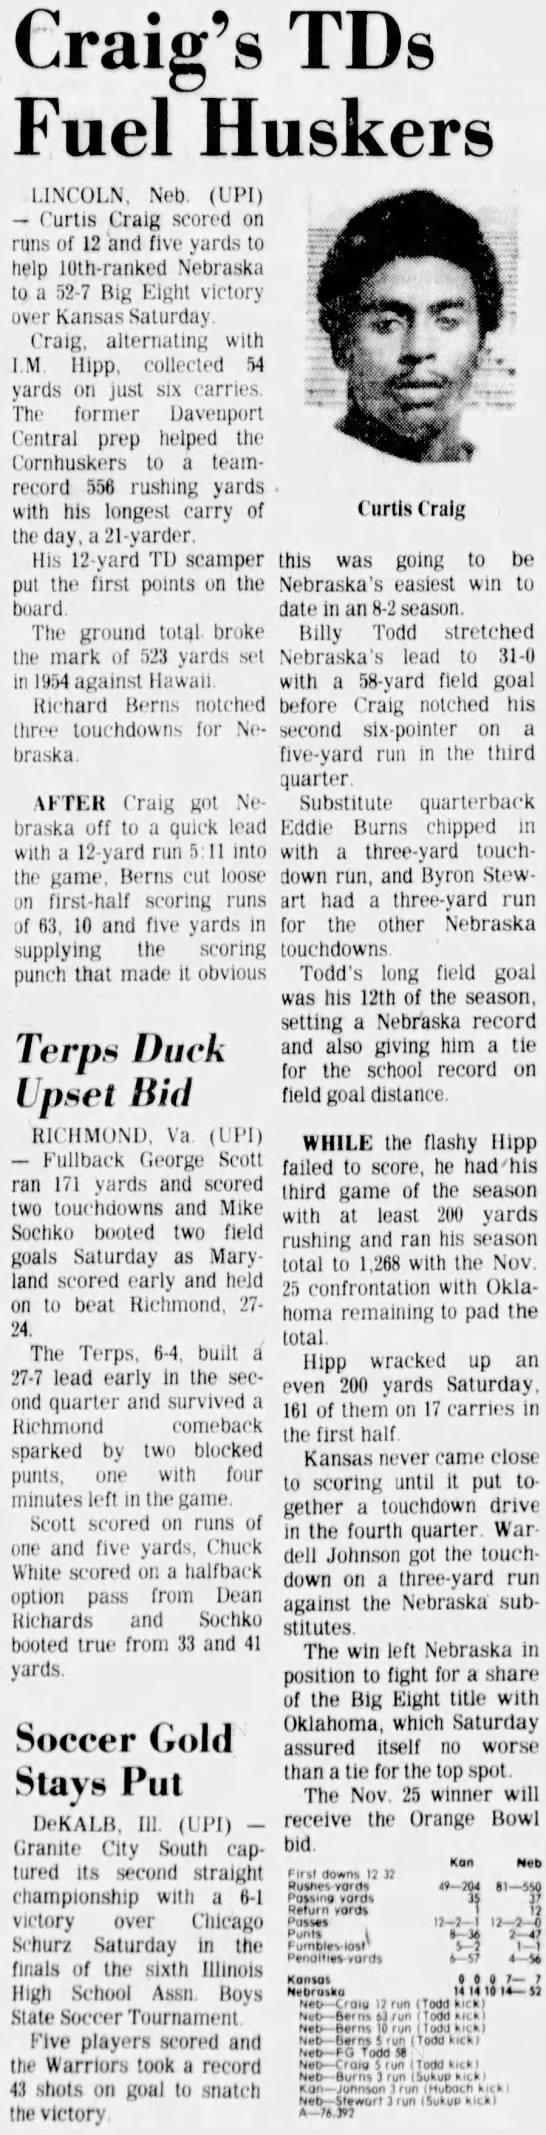 1977 Nebraska-Kansas football UPI -